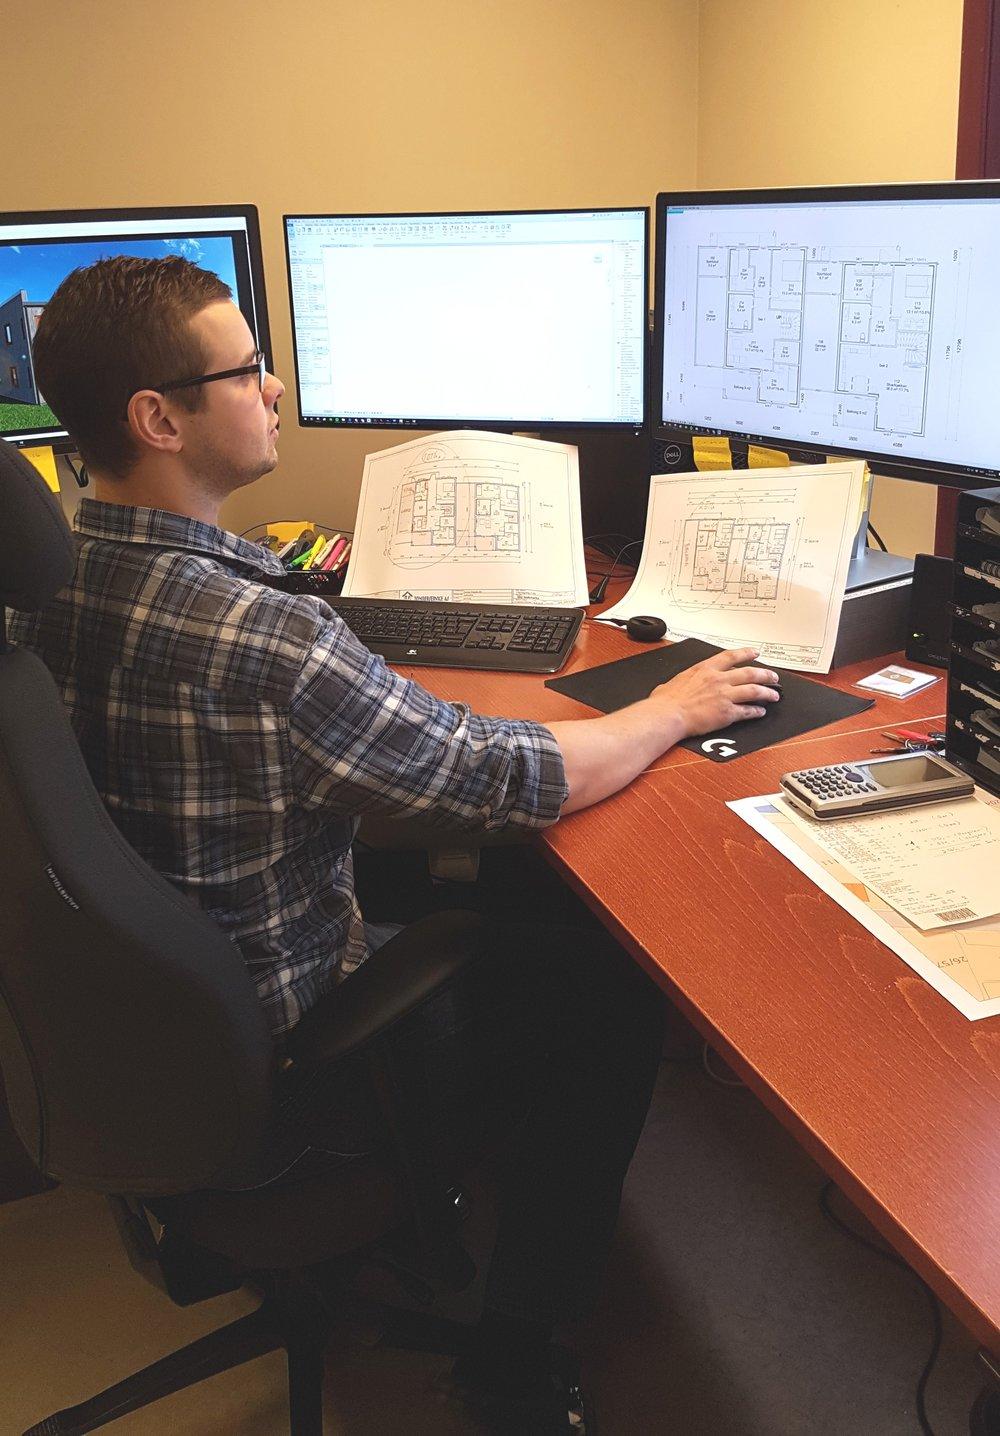 Foto: Jon Randen kan hjelpe med teikningar og planløysingar.